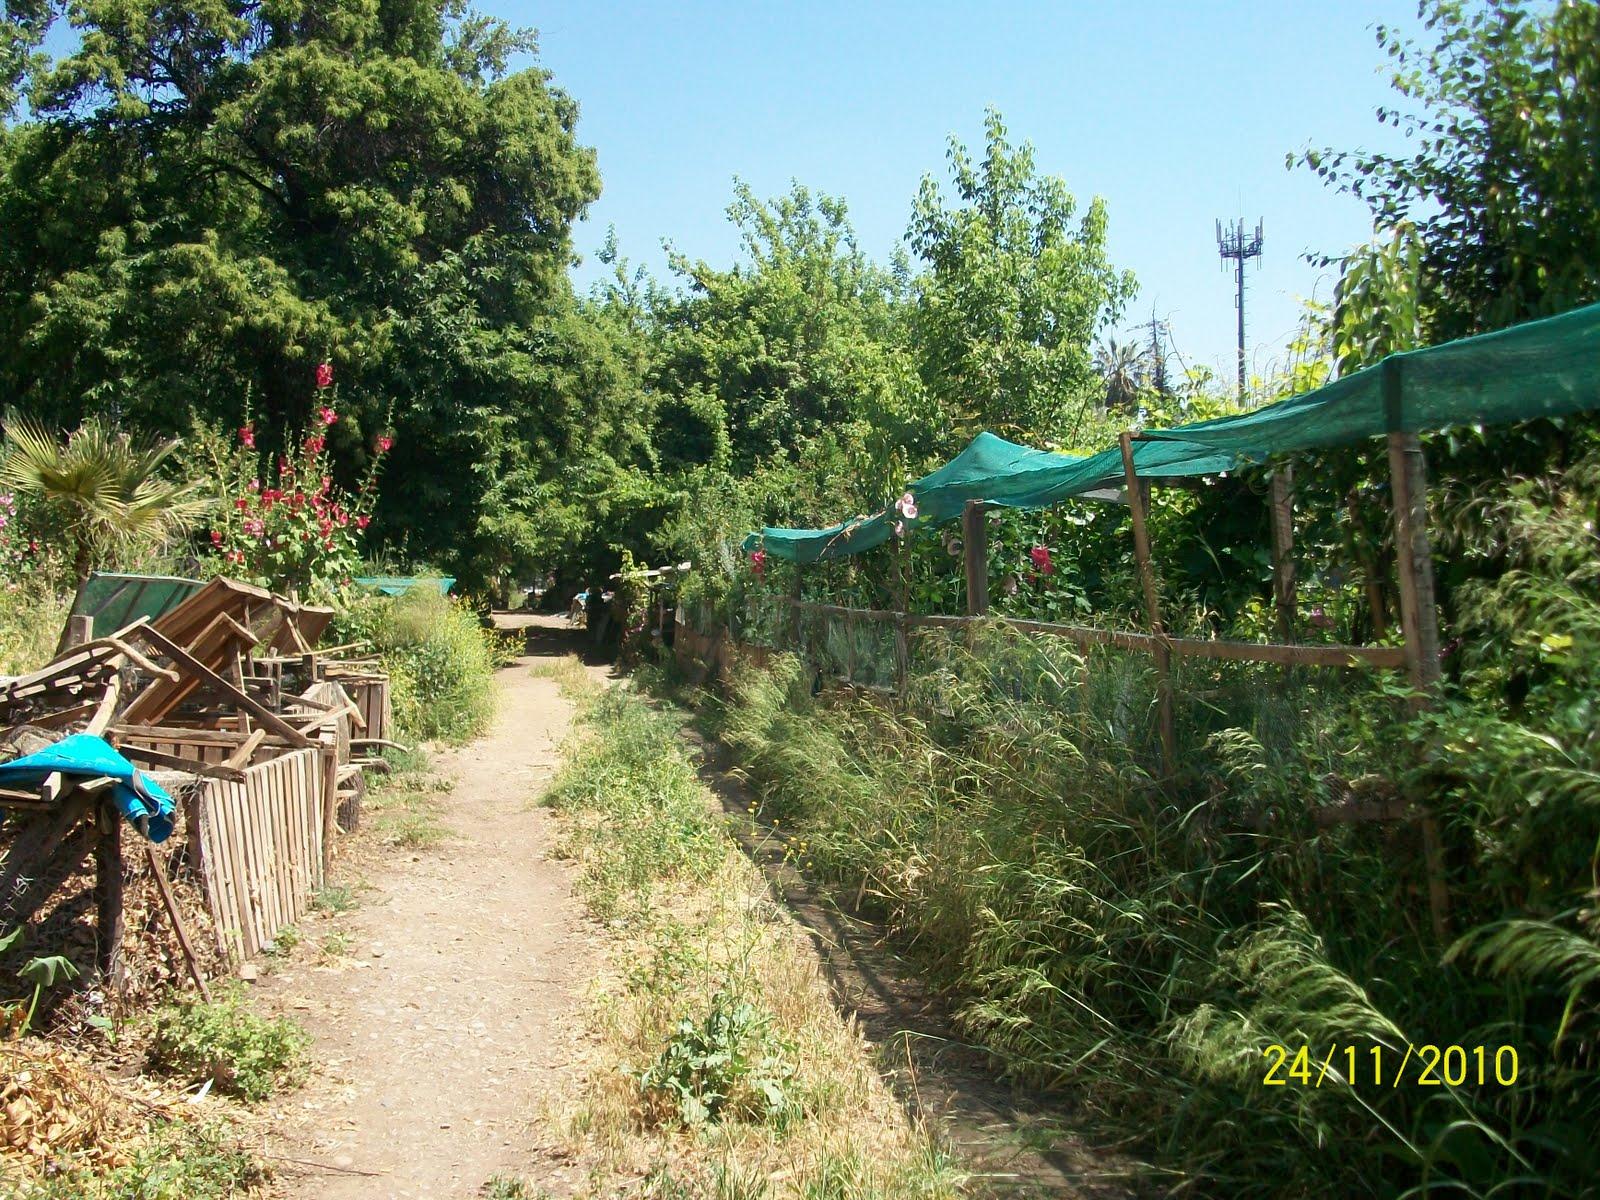 La huerta como expresi n cultural casera y urbana jard n for Huerto y jardin